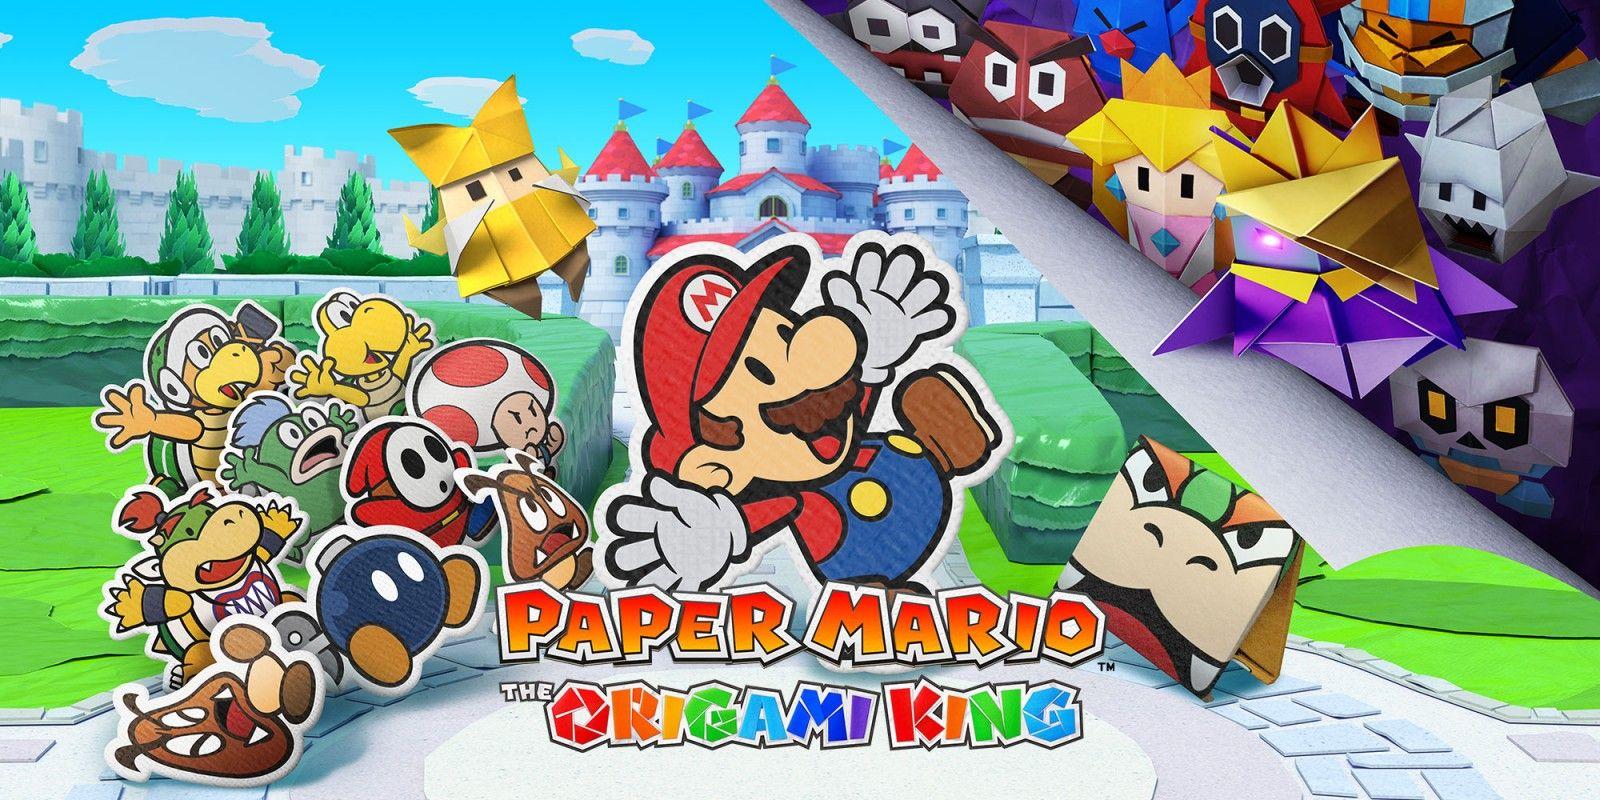 任天堂Switch推出新遊戲《紙片瑪利歐:摺紙國王》!人氣角色馬力歐,碧姬公主化身造型紙片人